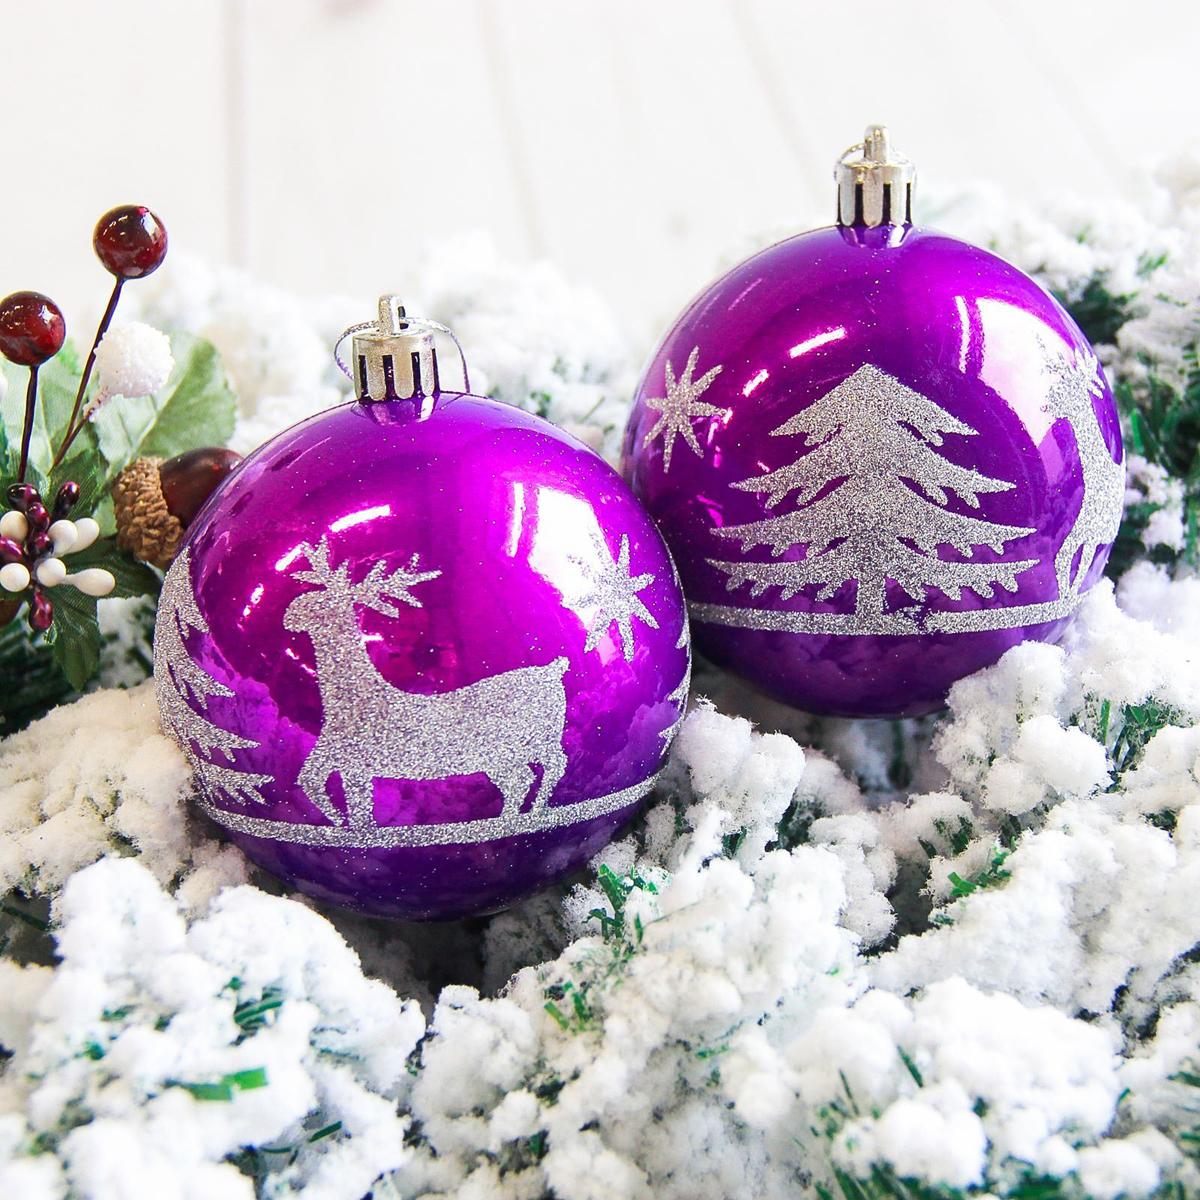 Набор новогодних подвесных украшений Sima-land Гордый олень, диаметр 8 см, 6 шт. 21781962178196Невозможно представить нашу жизнь без праздников! Мы всегда ждём их и предвкушаем, обдумываем, как проведём памятный день, тщательно выбираем подарки и аксессуары, ведь именно они создают и поддерживают торжественный настрой.